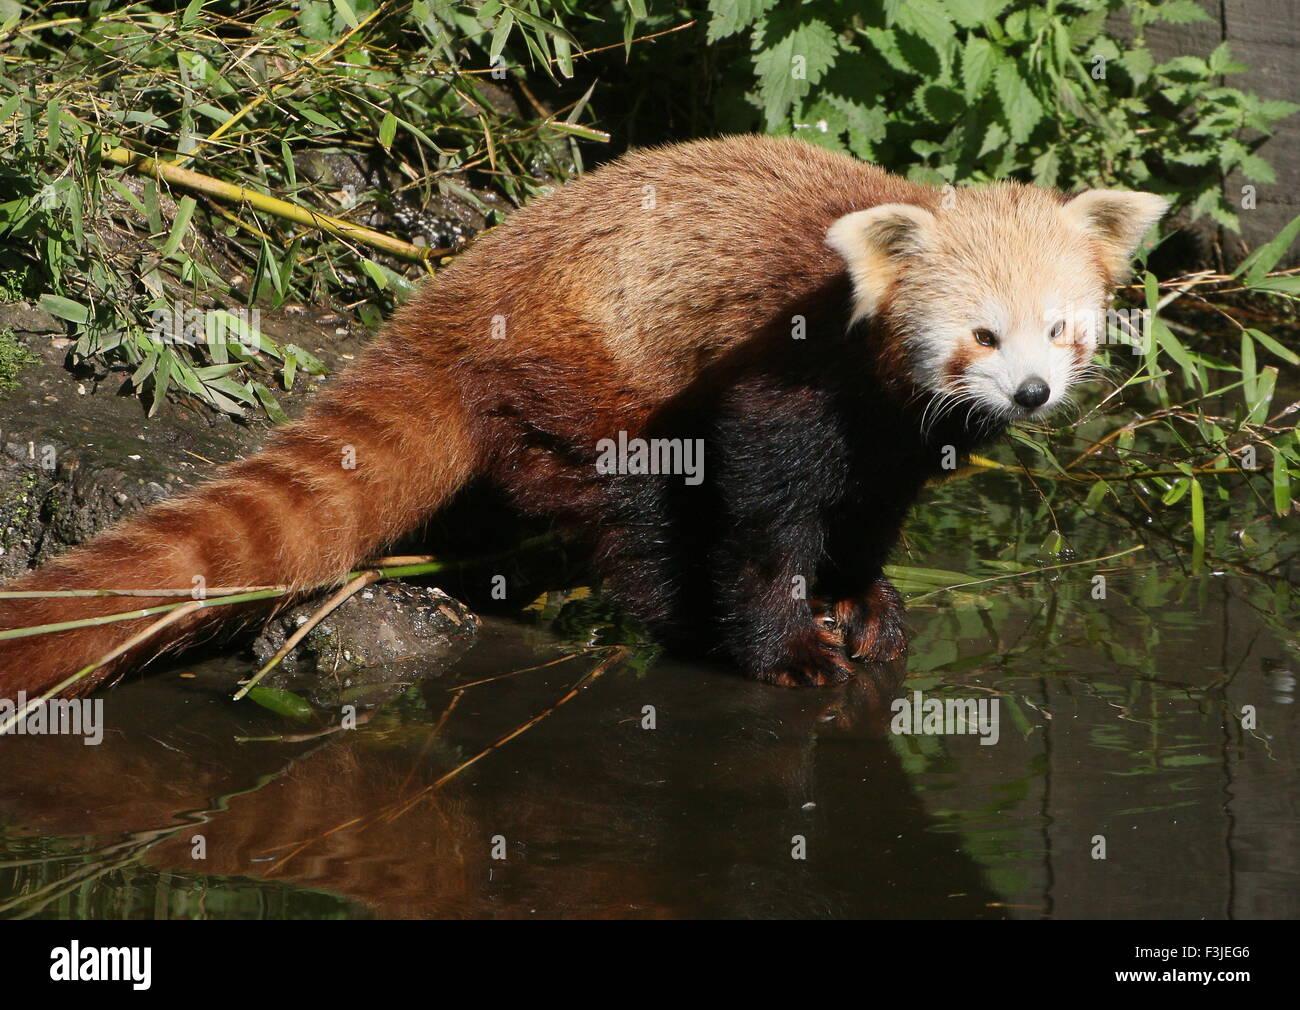 Panda rouge asiatique (Ailurus fulgens) au bord de l'eau Photo Stock